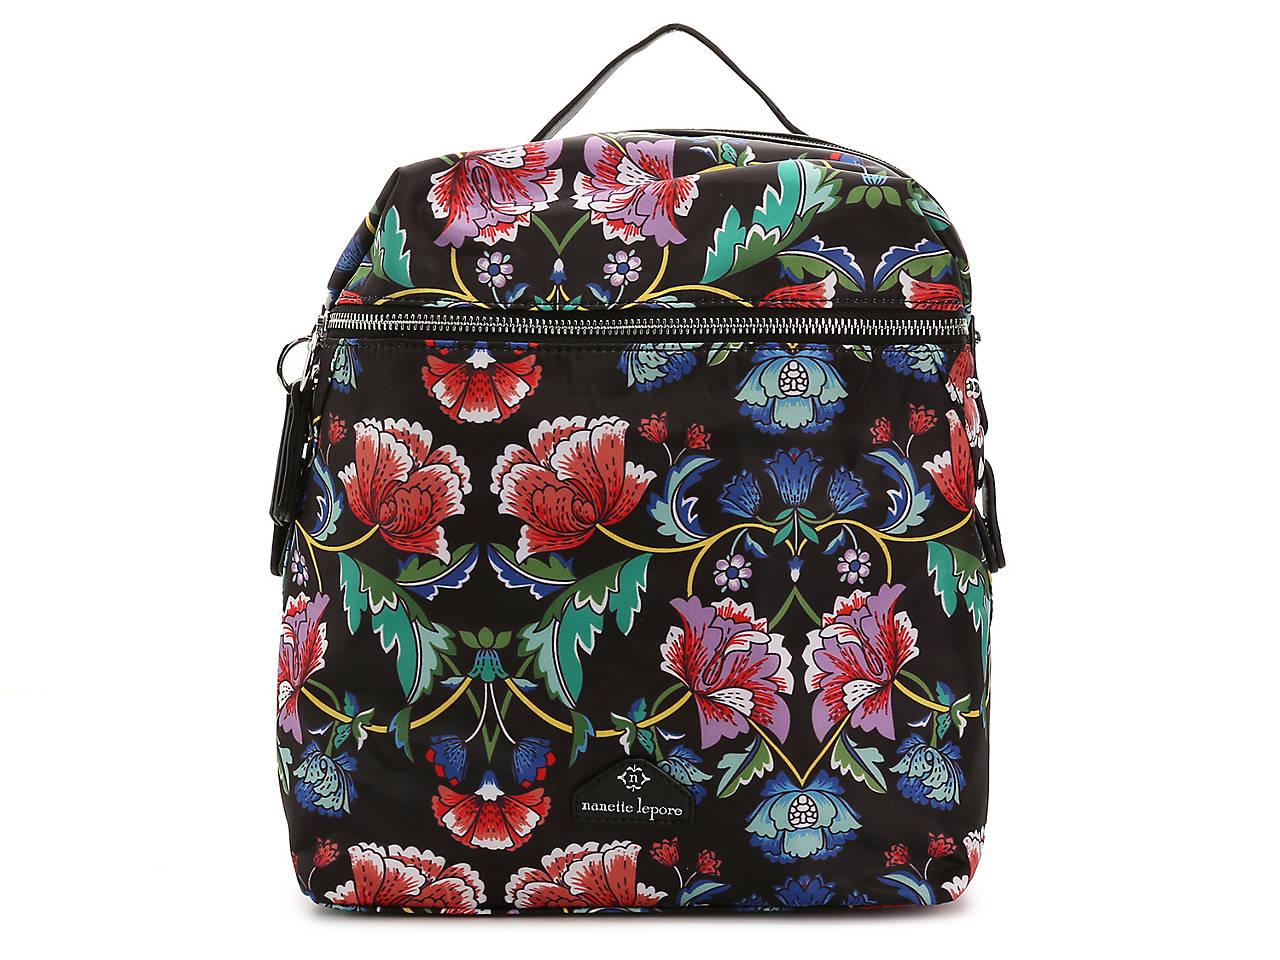 a5e5595a50 Nanette Lepore Gabi Convertible Backpack Women s Handbags ...